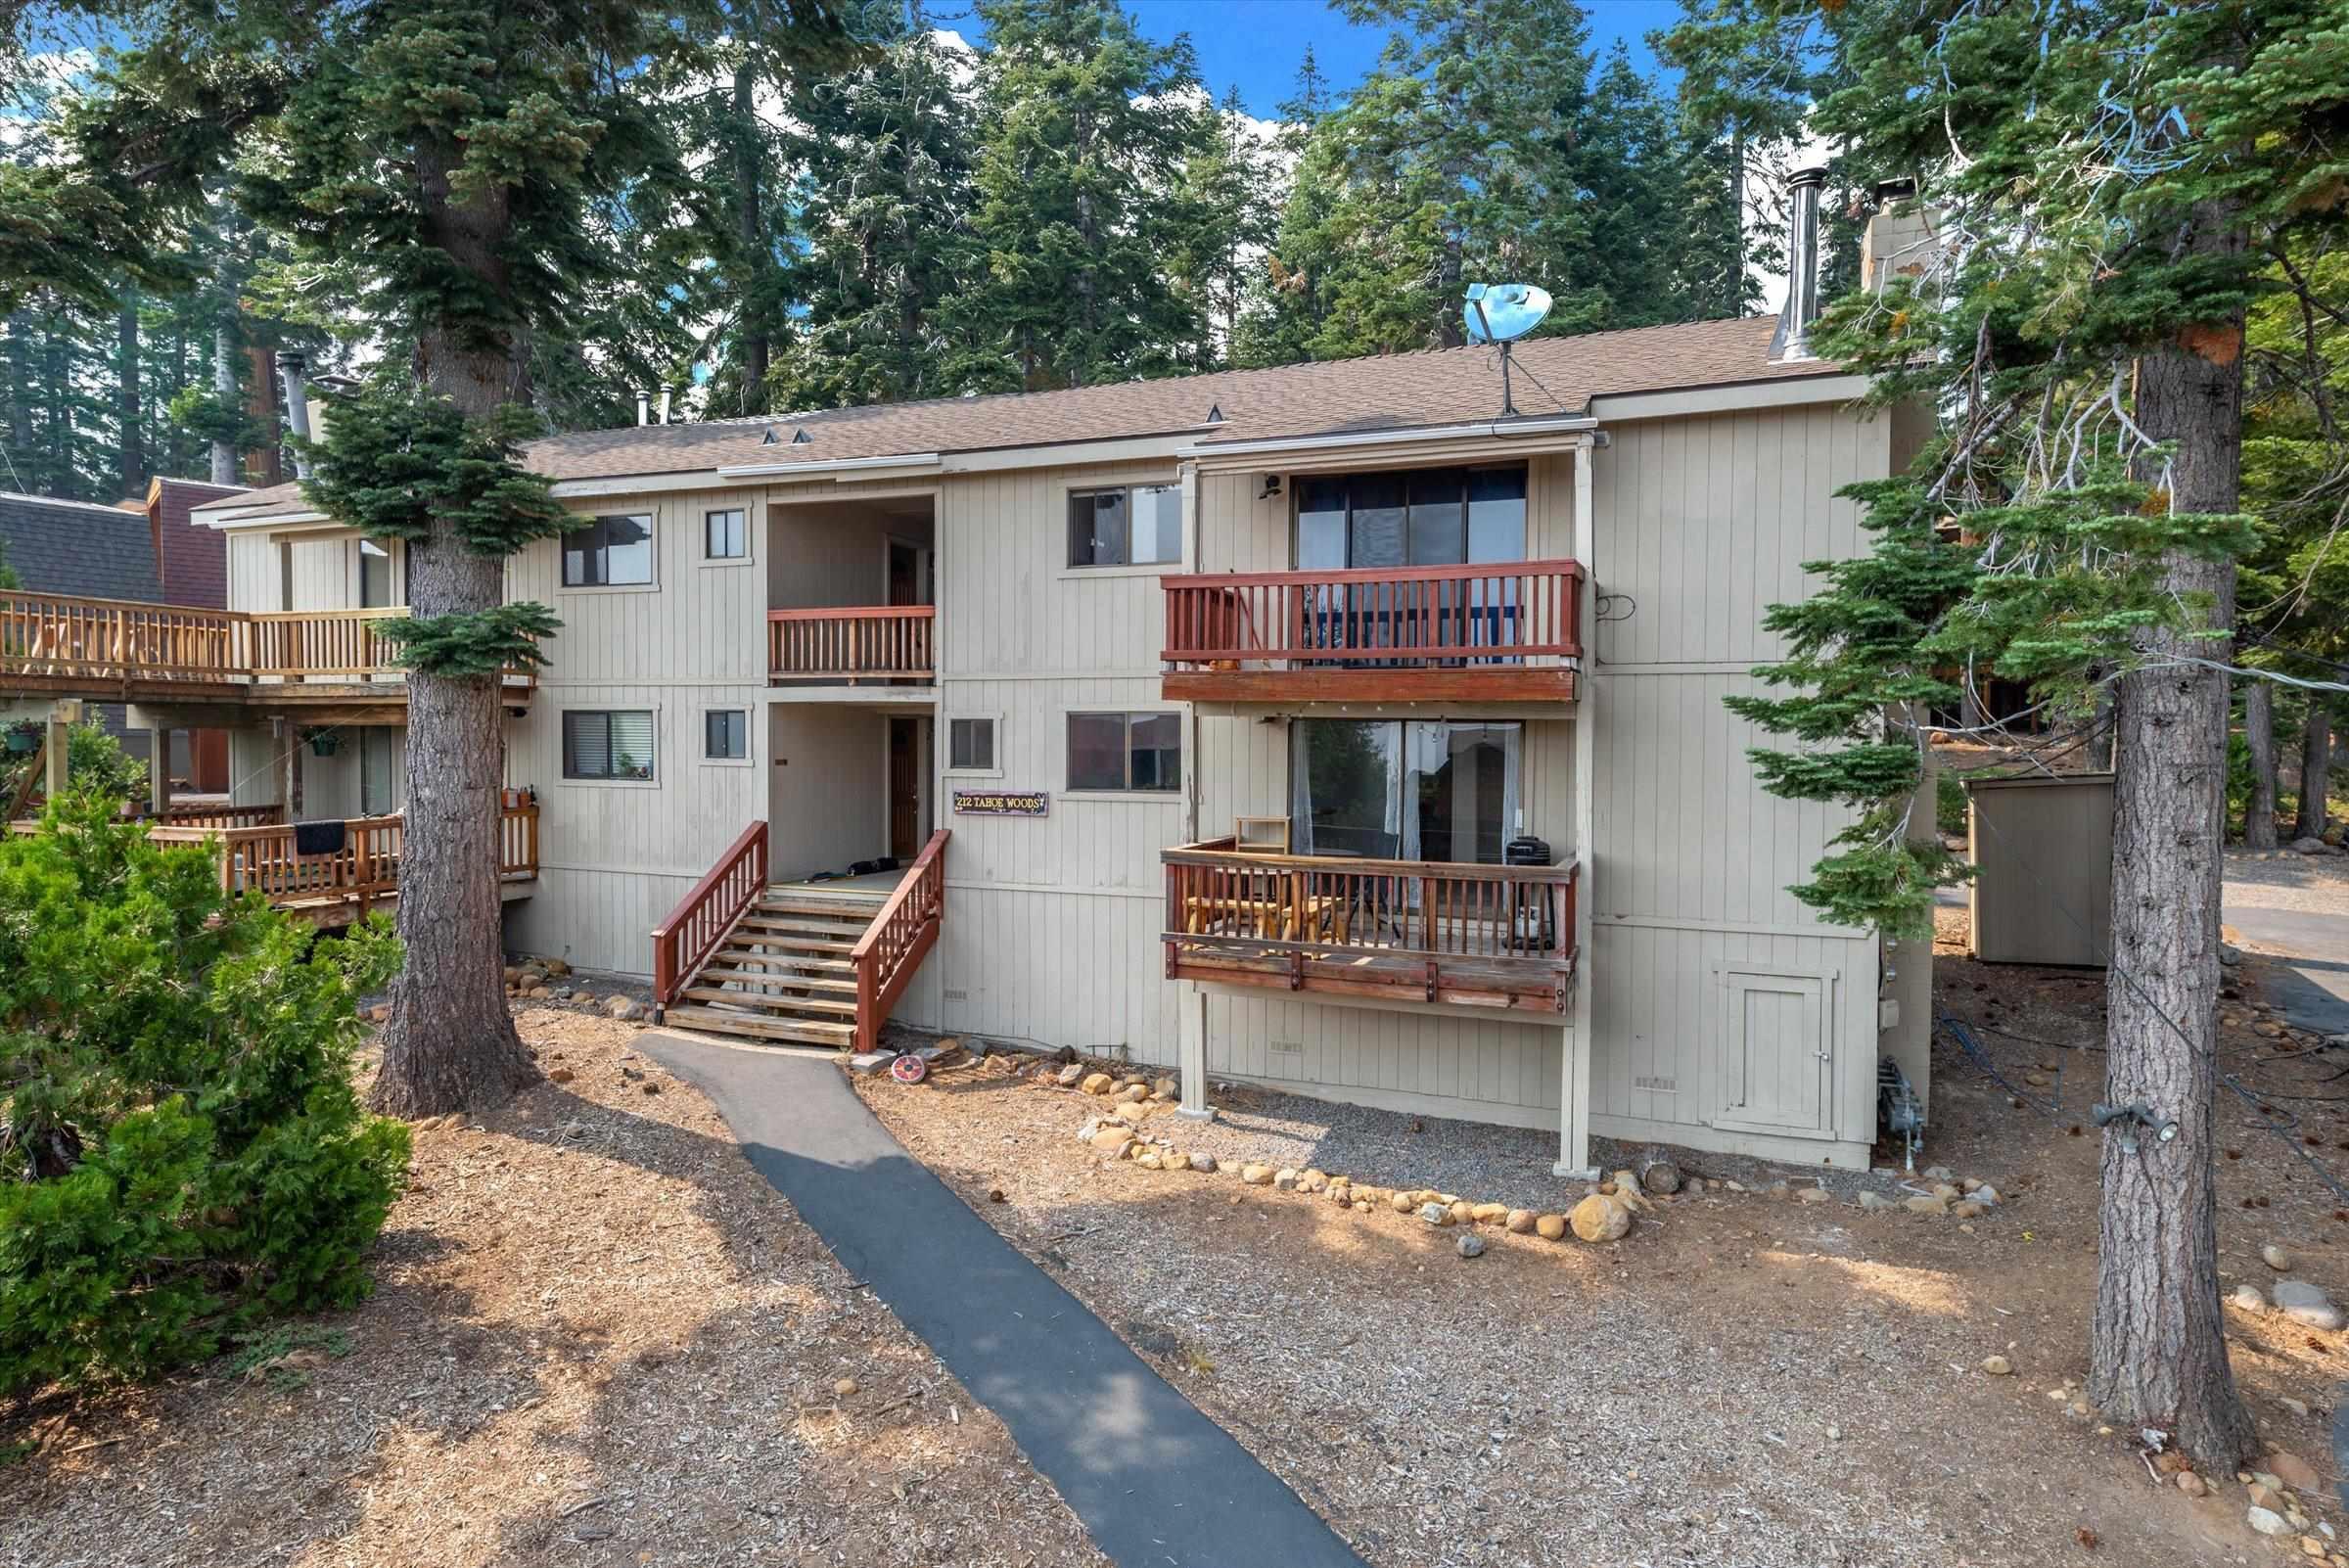 280 Tahoe Woods Blvd 1, Tahoe City, CA 96145